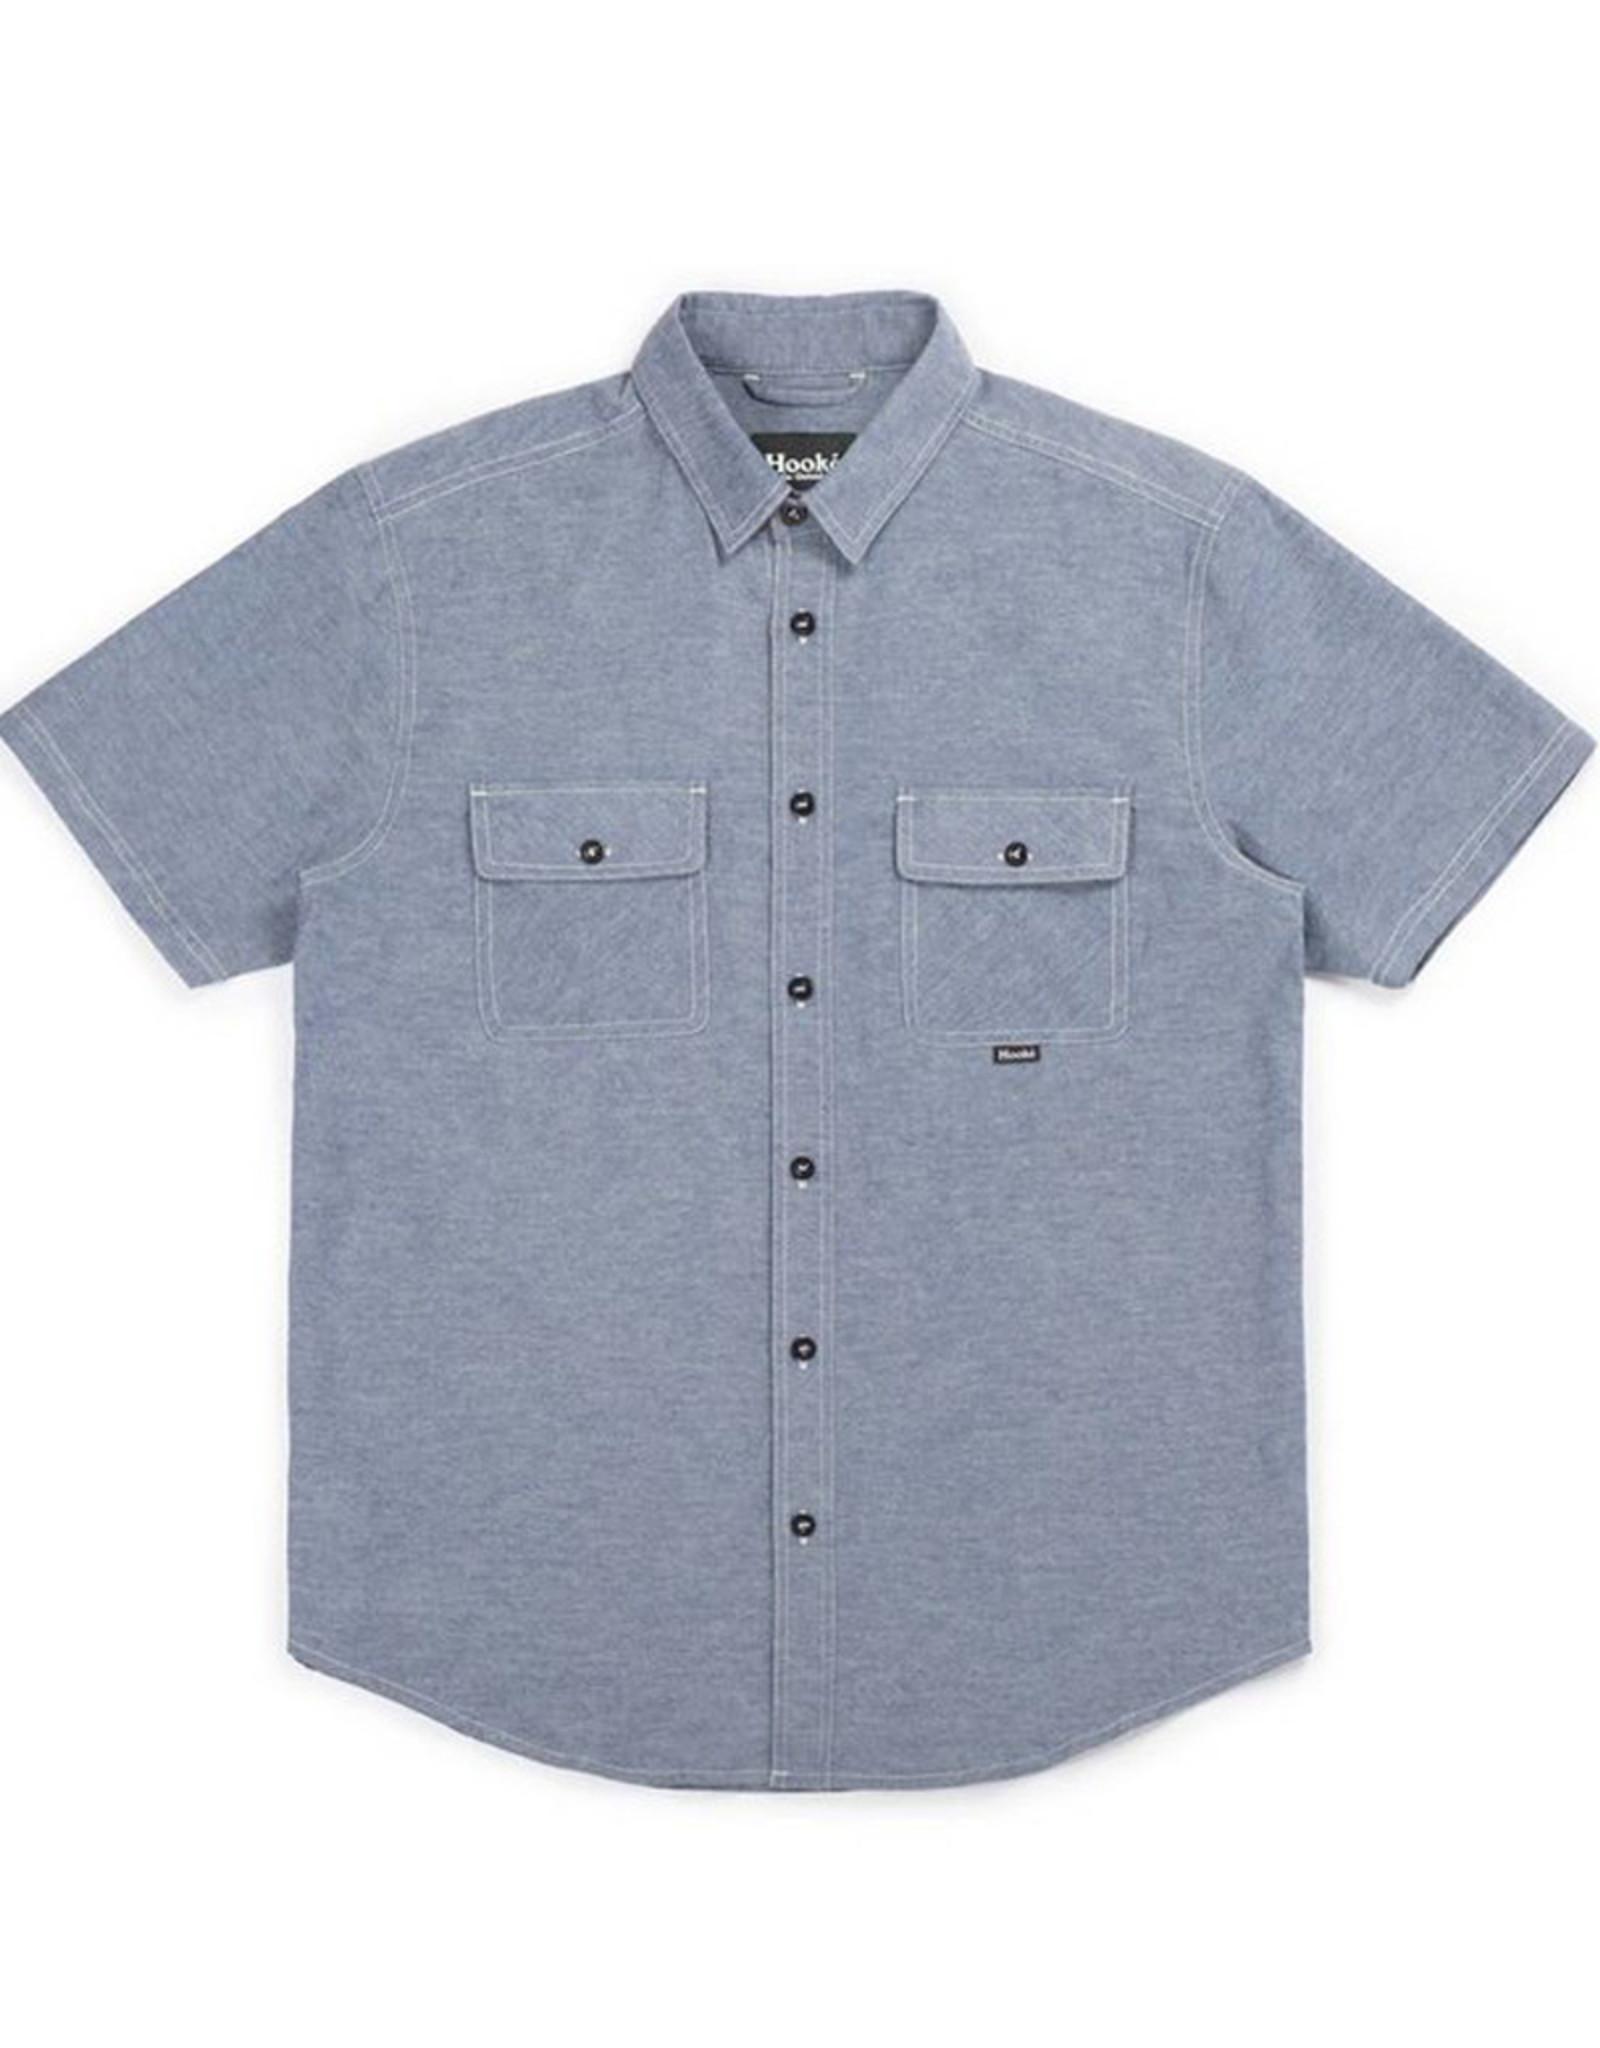 Hooké Hooké Bonaventure Shirt